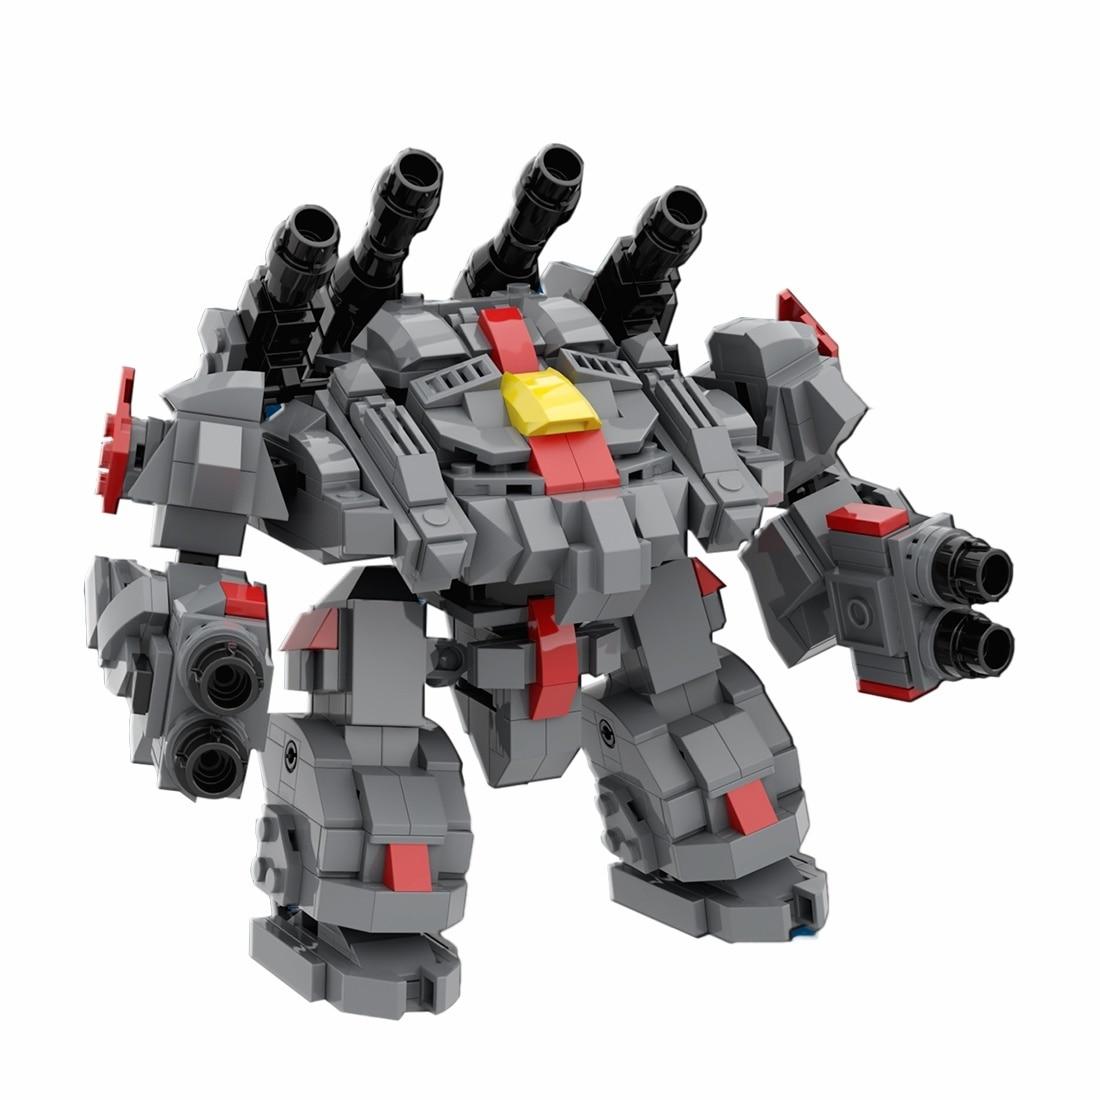 550 pecas moc mecha tijolos modelo pequenas particulas bloco de construcao brinquedo educacional